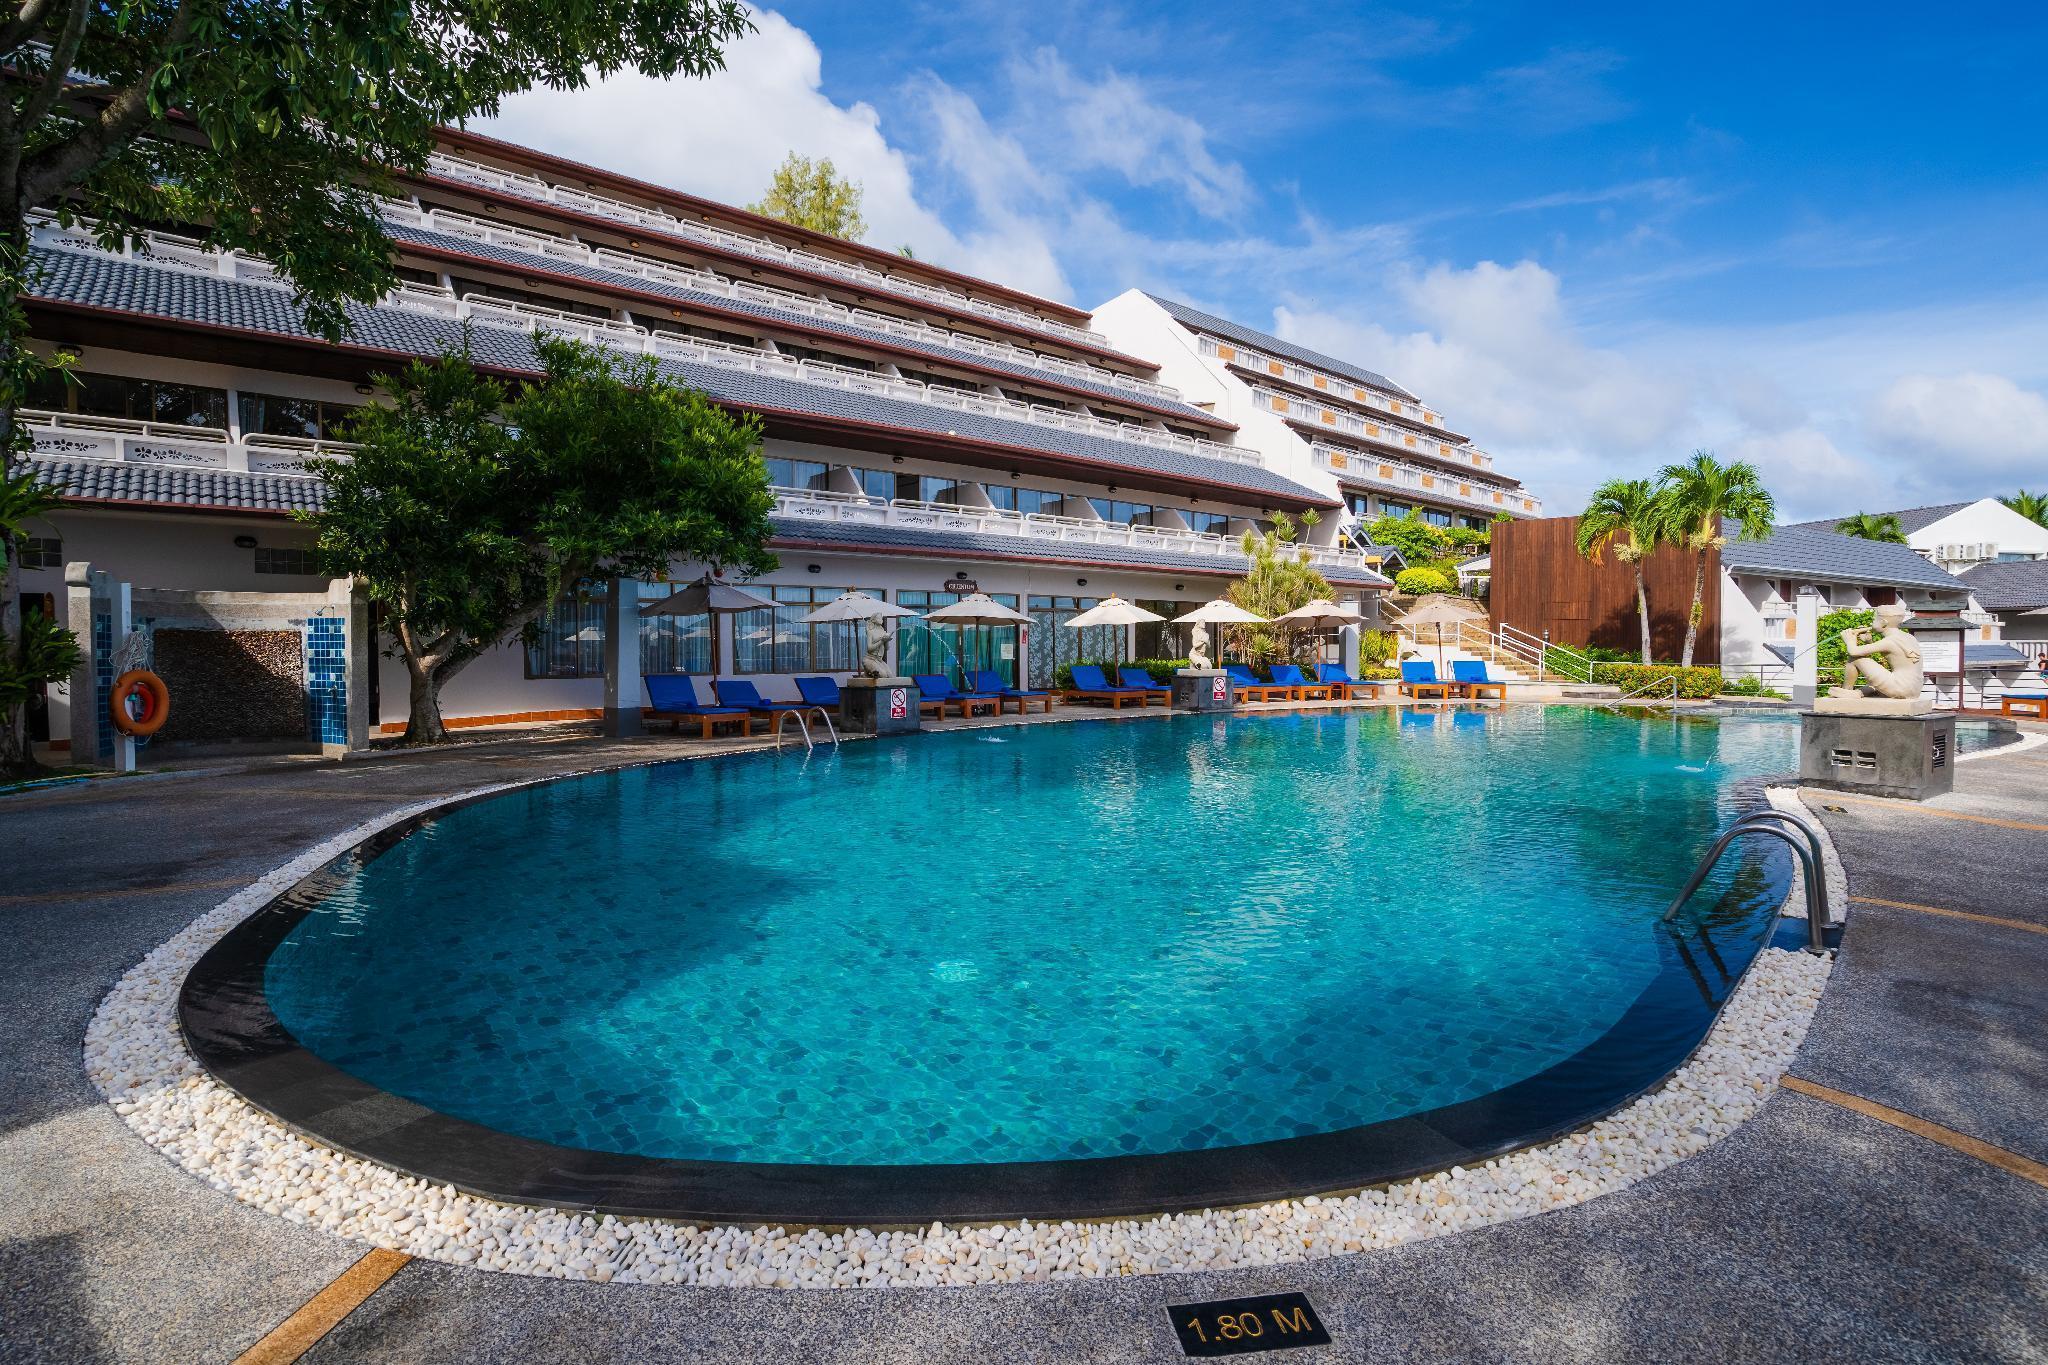 Orchidacea Resort - Kata Beach ออร์คิดเดเซีย รีสอร์ต - หาดกะตะ